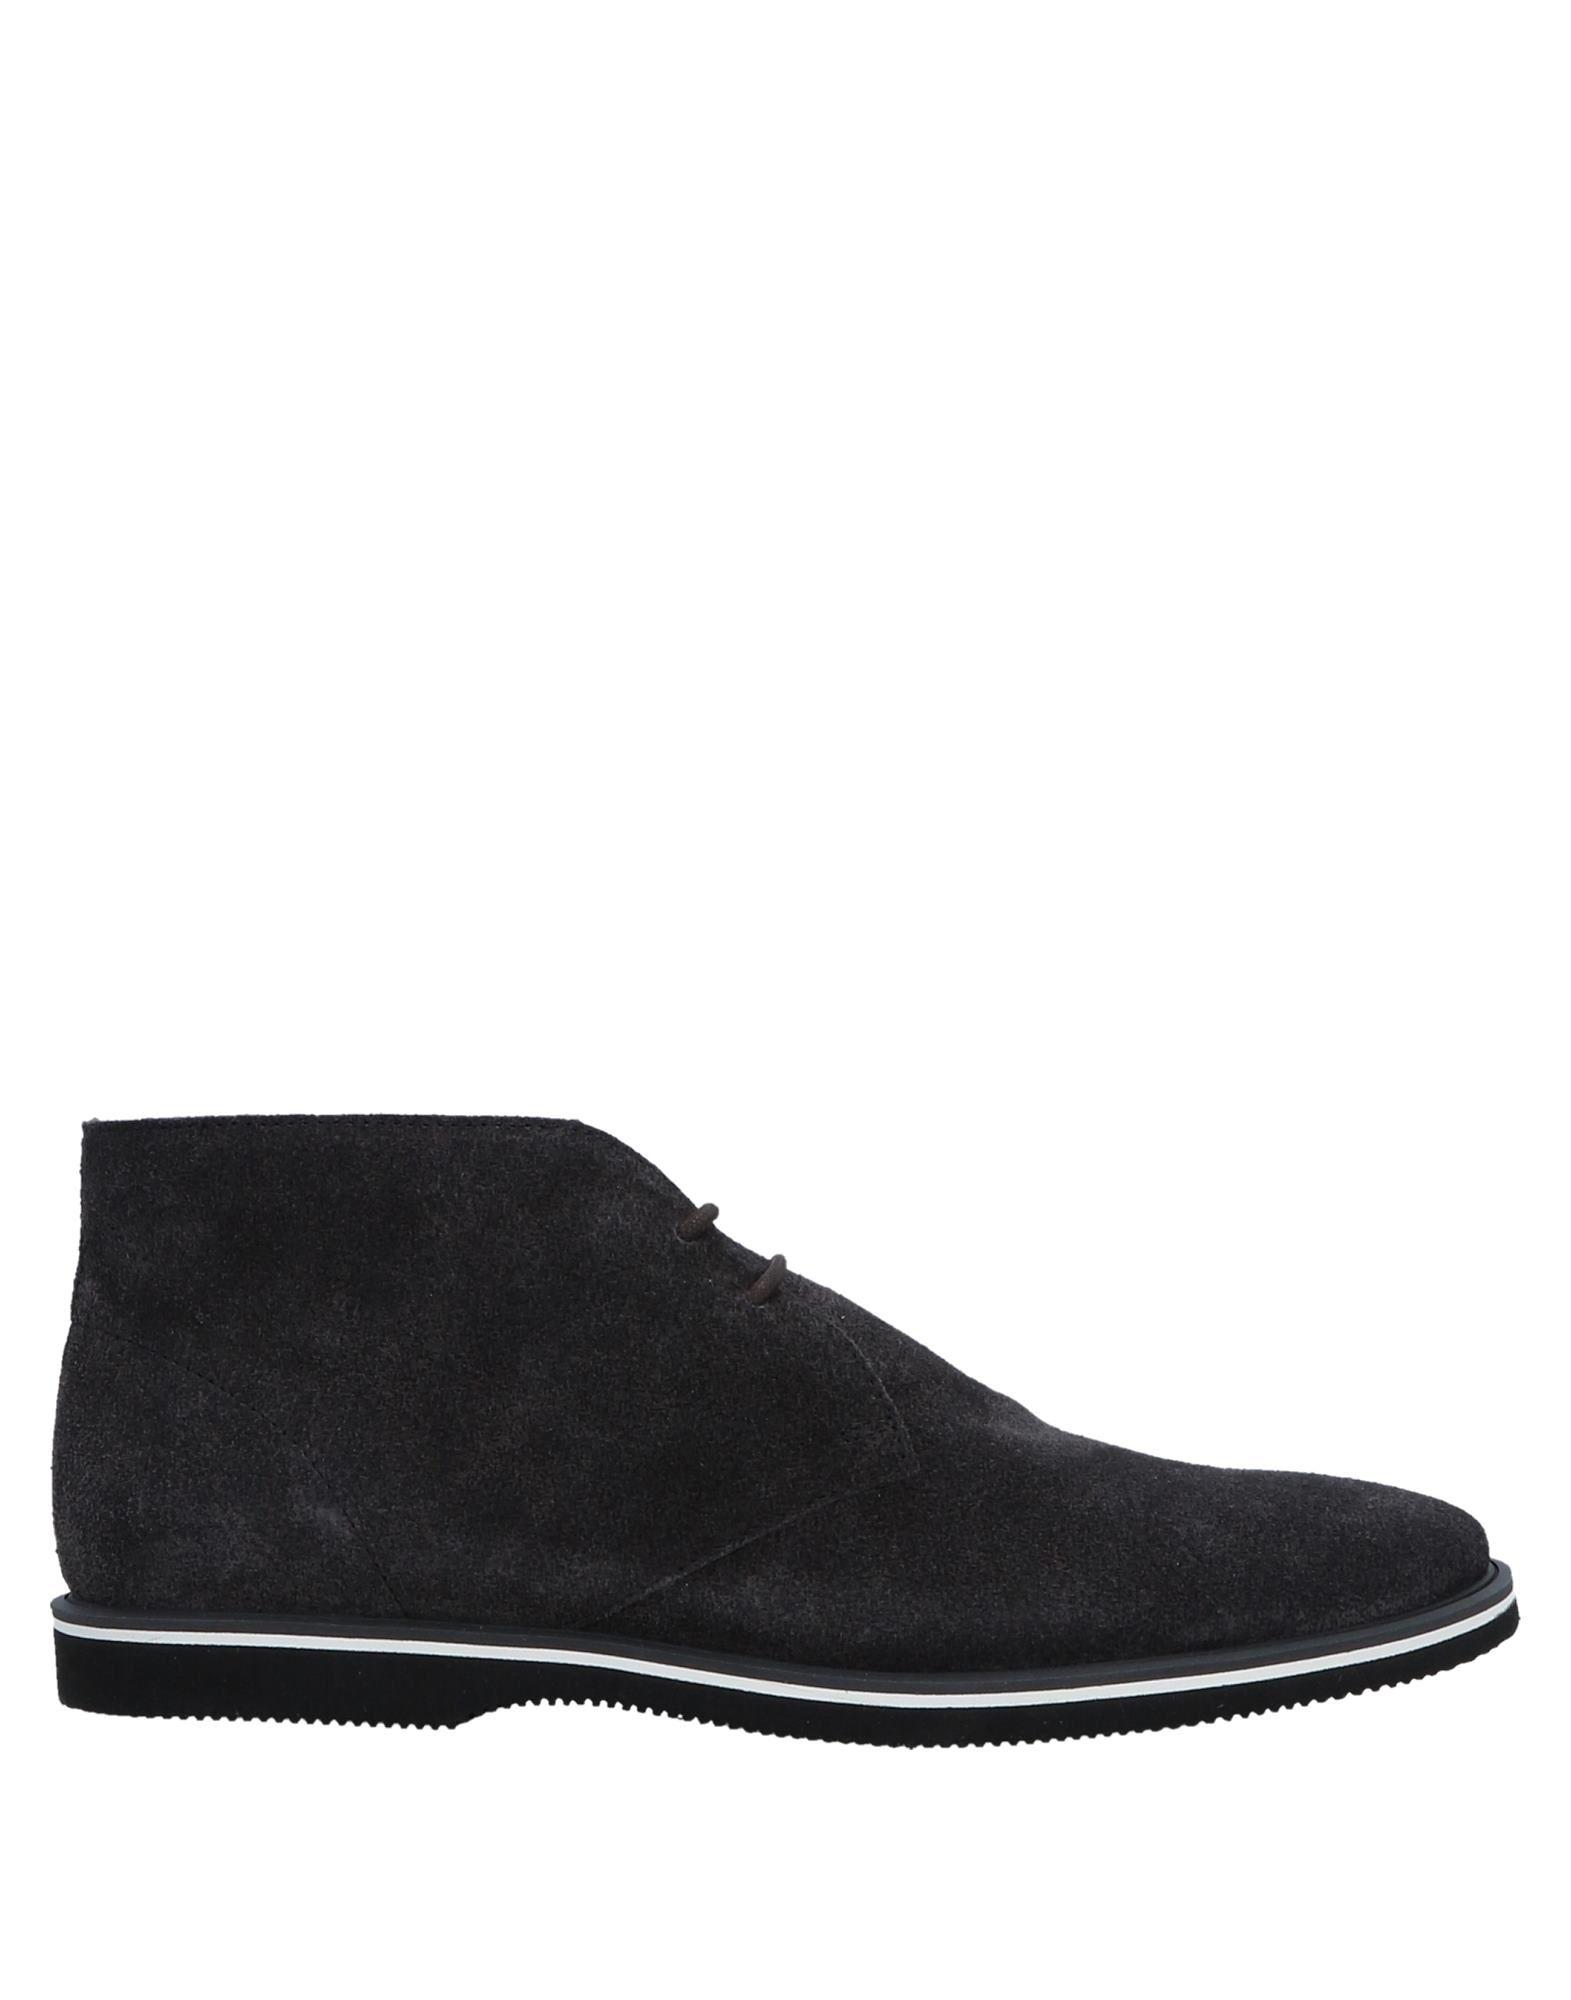 Hogan Stiefelette Herren  11540332OO Gute Qualität beliebte Schuhe